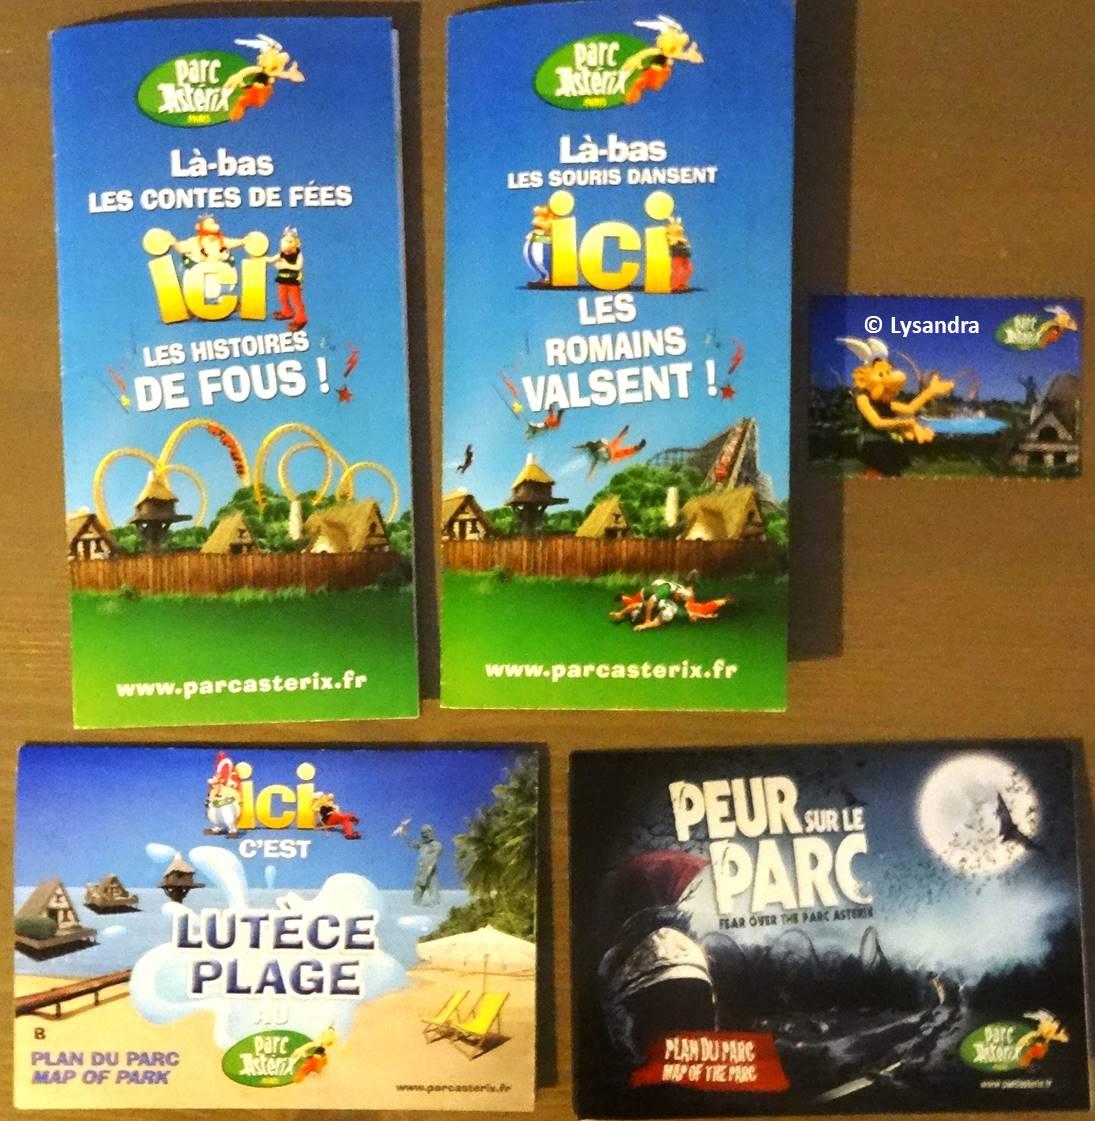 Dépliants, plans, tickets du Parc Astérix GoNY7